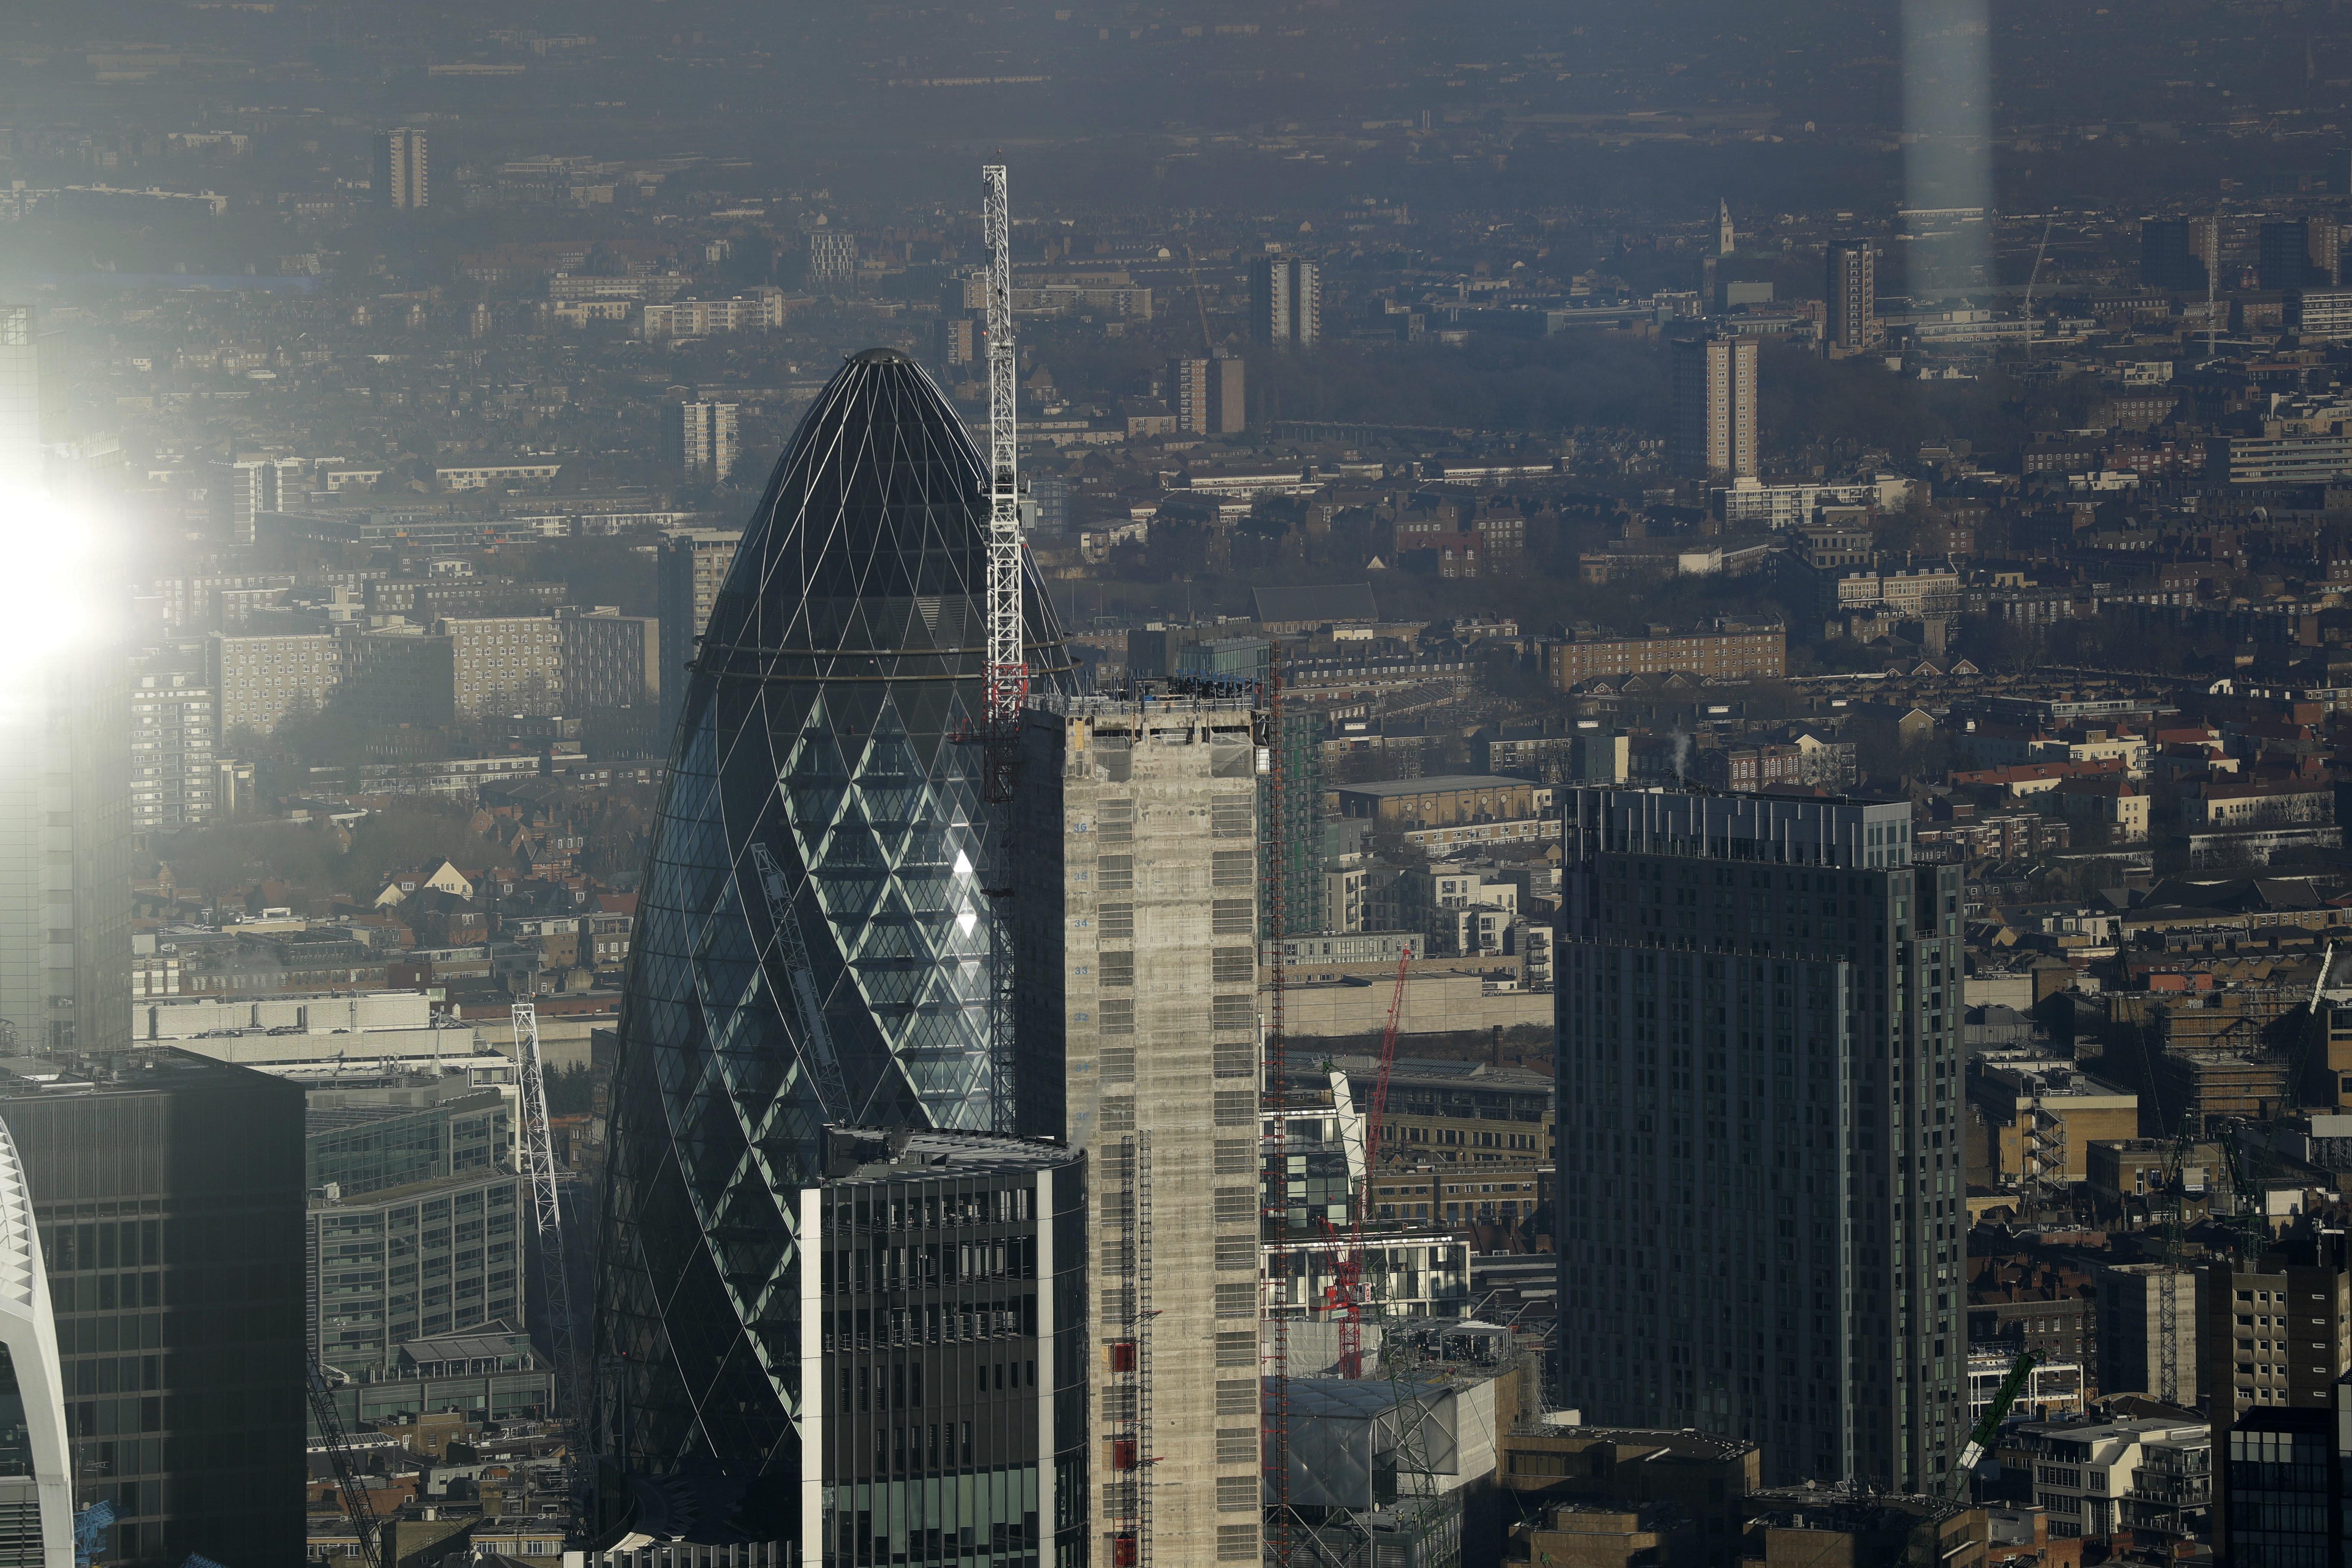 Λονδίνο: Πύργος ύψους 500 μέτρων θα έχει θέα όλη την